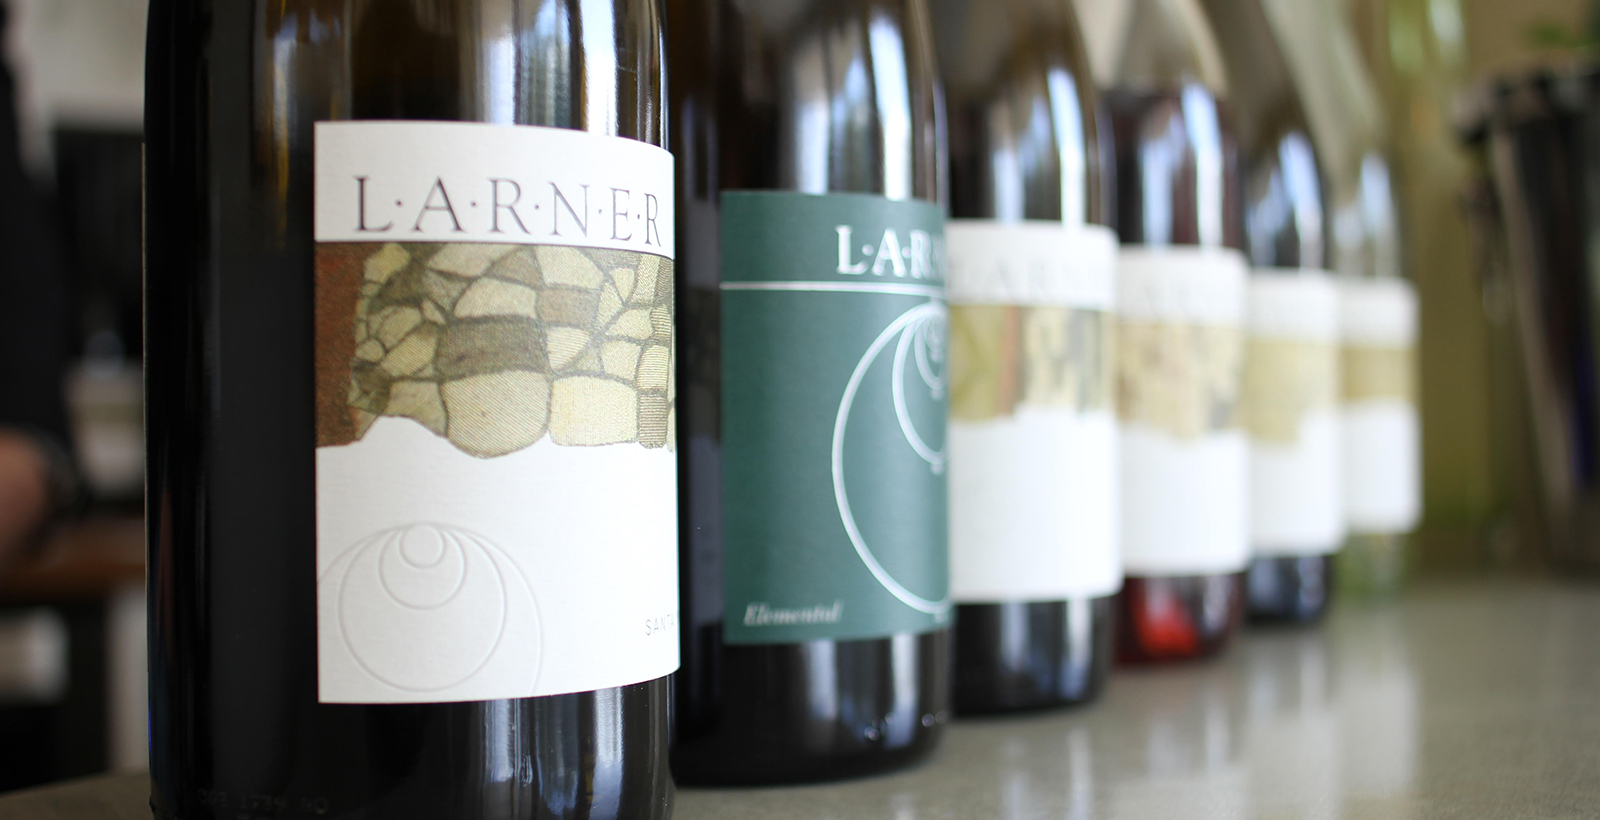 Larner Wines in Los Olivos